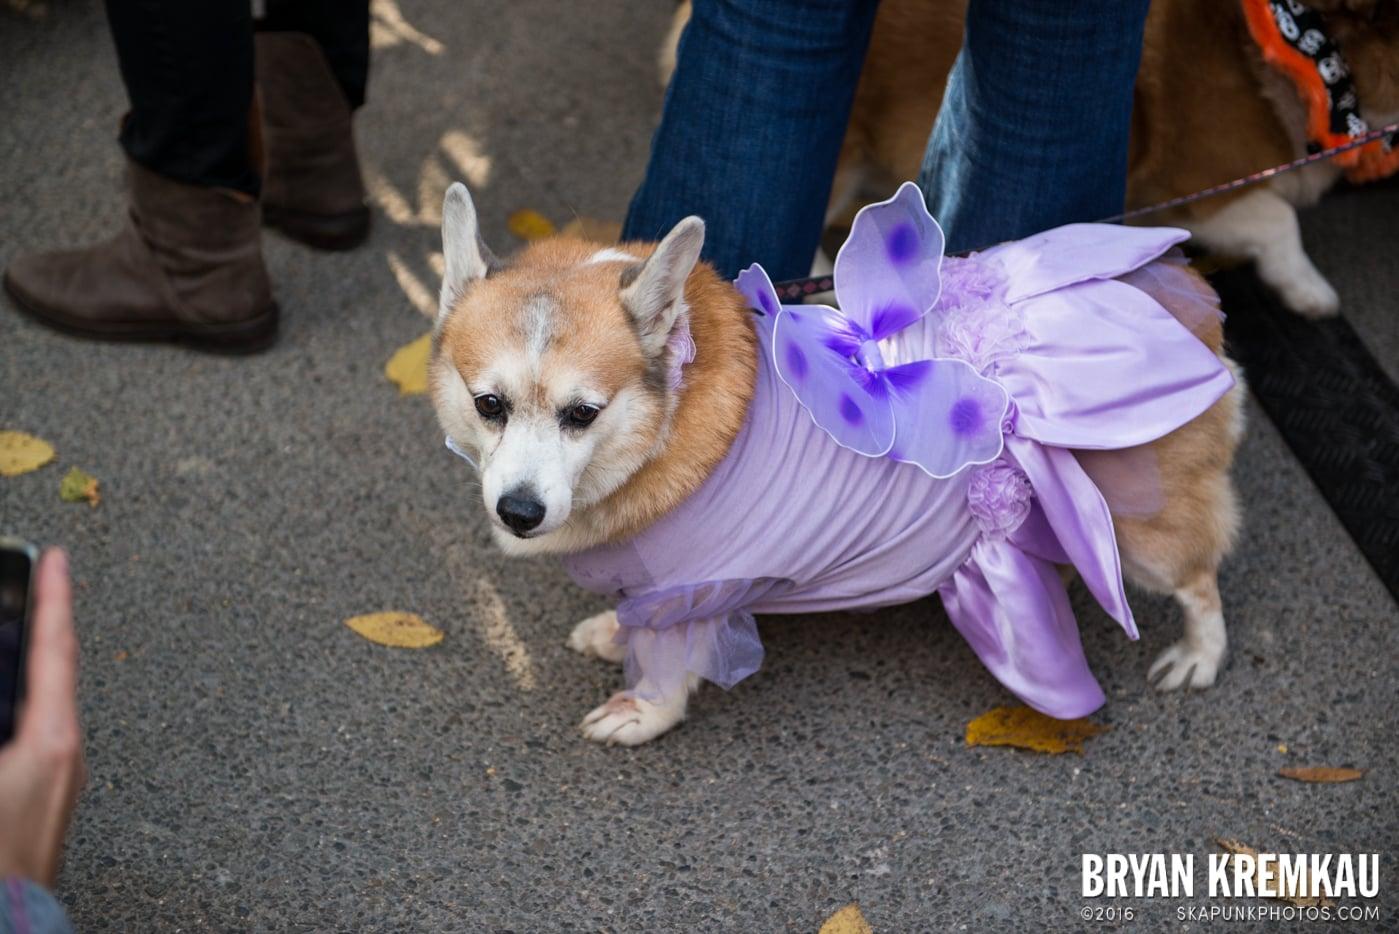 Tompkins Square Halloween Dog Parade 2013 @ Tompkins Square Park, NYC - 10.26.13 (23)